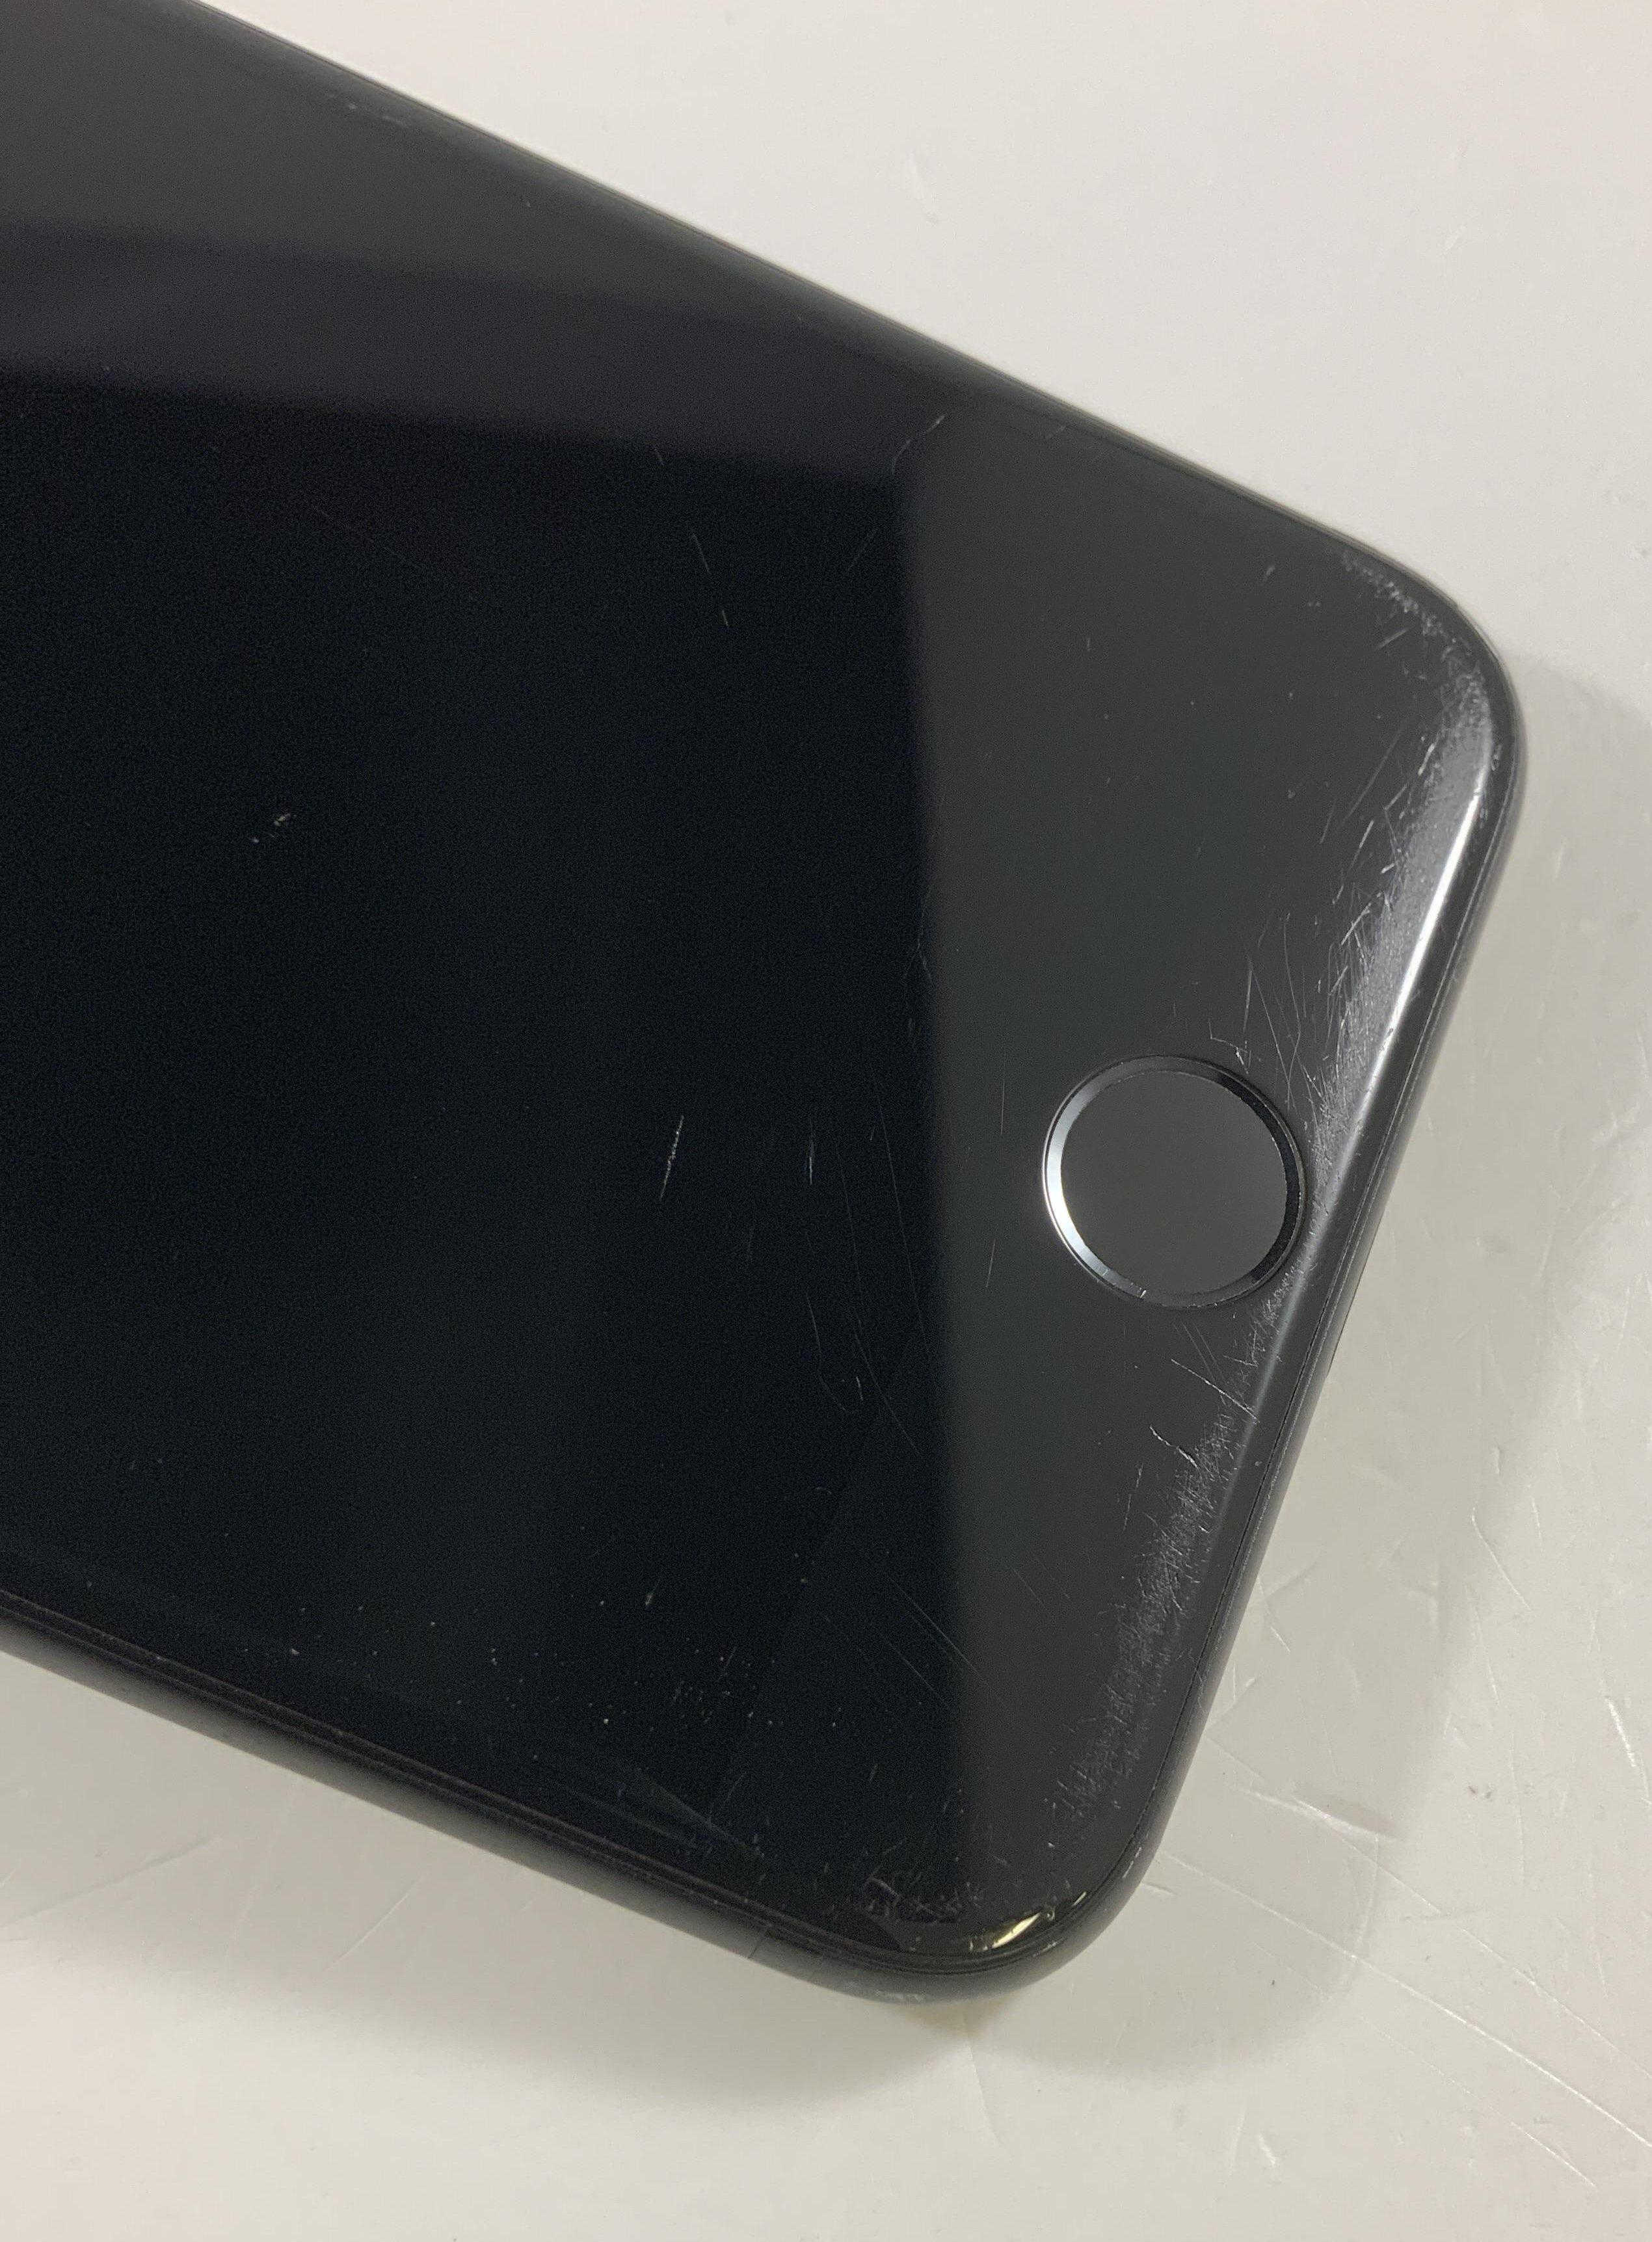 iPhone 7 32GB, 32GB, Black, imagen 3